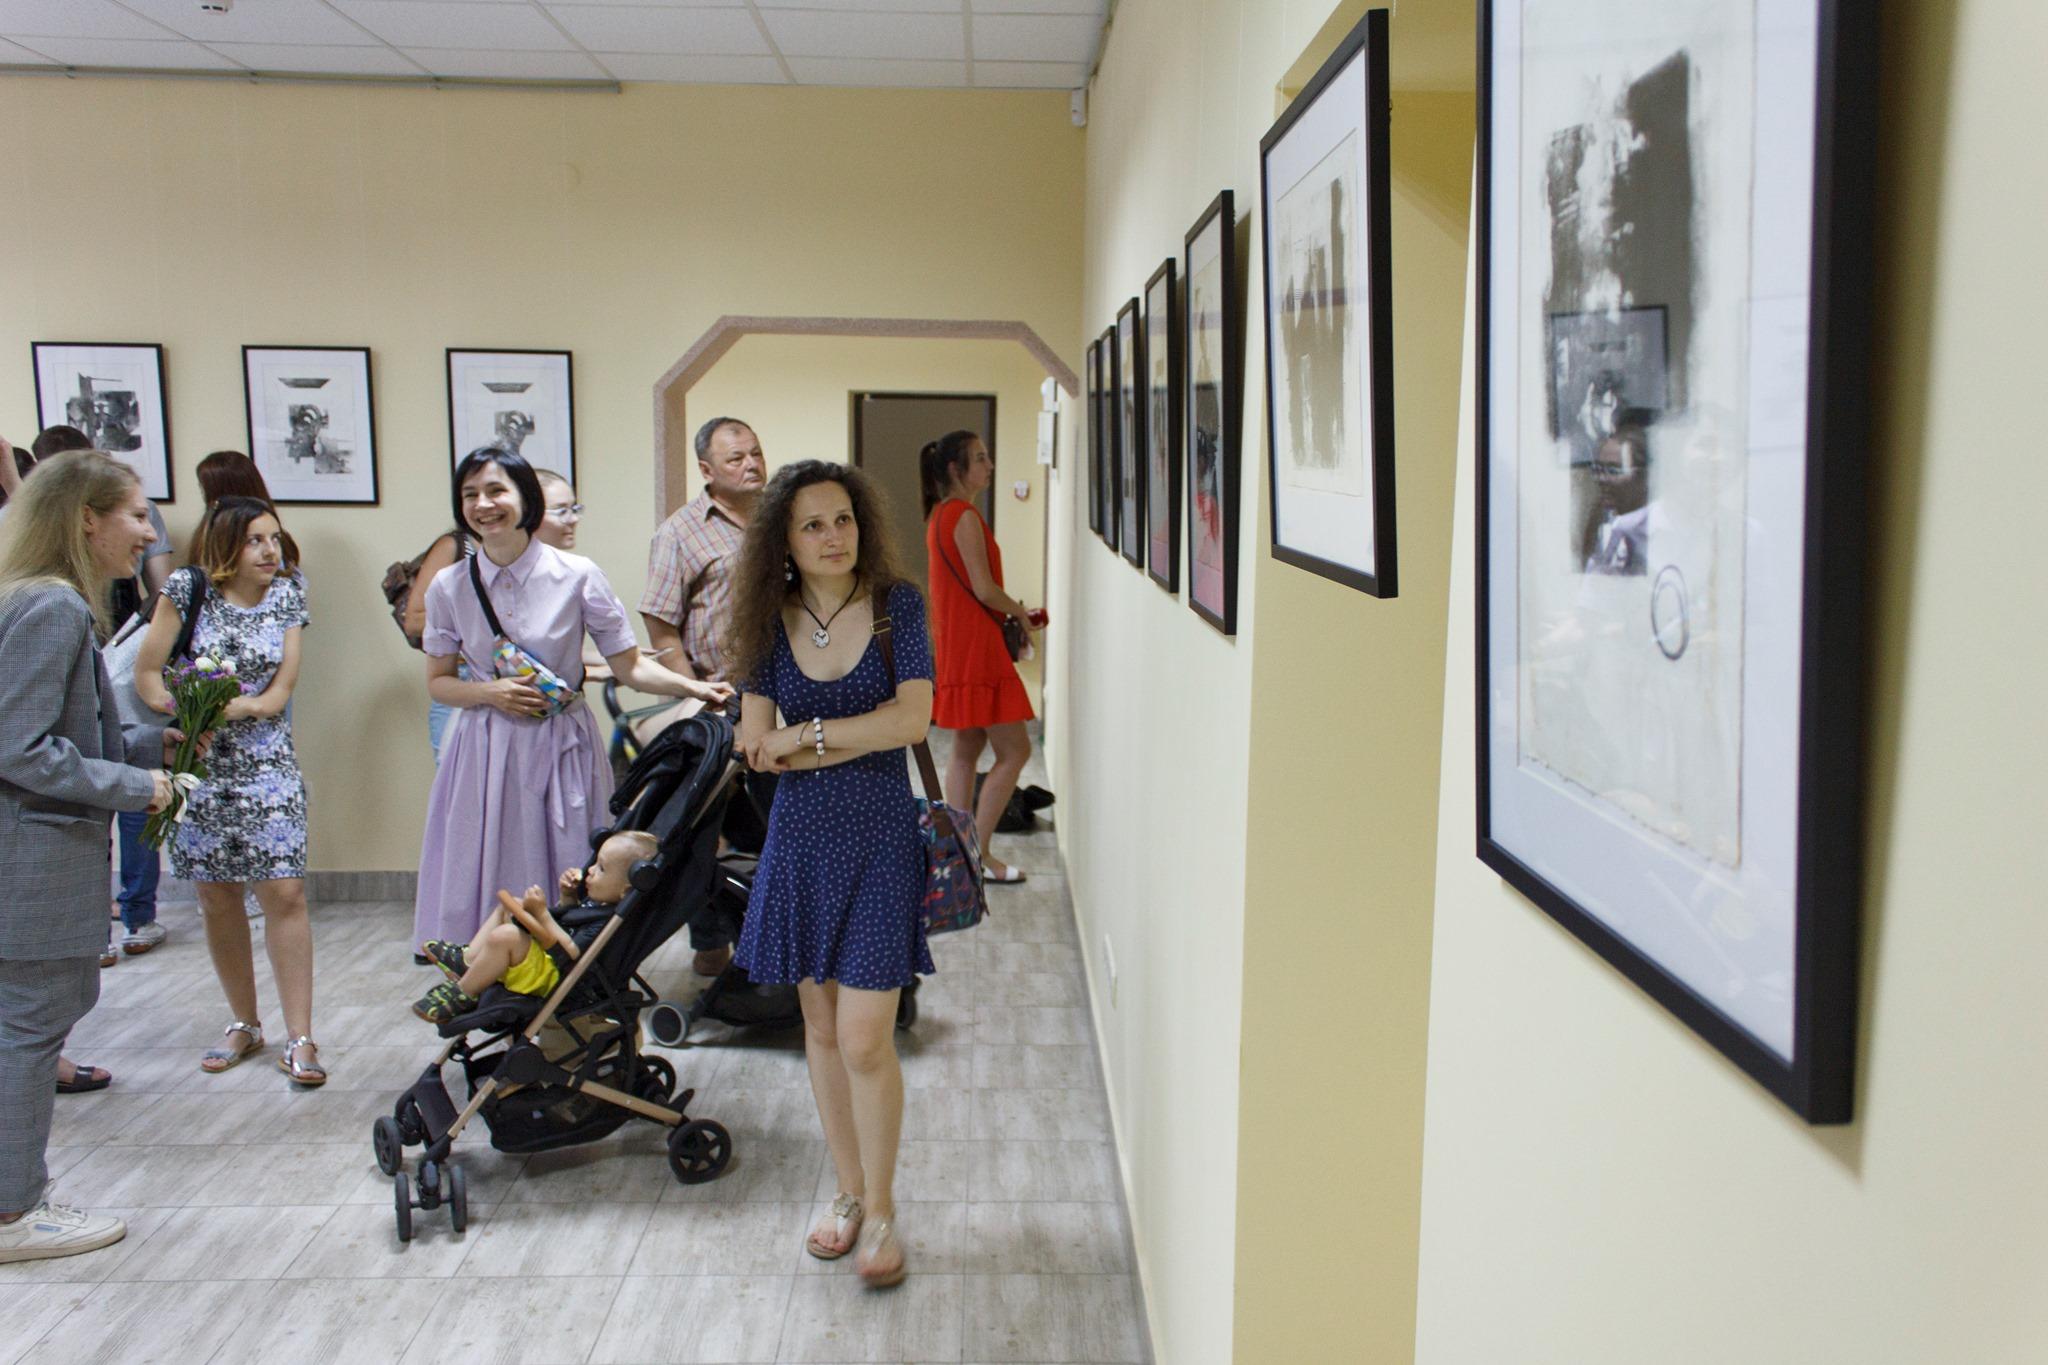 Папір і метал: у Франківську відкрили виставку оригінальної графіки 4